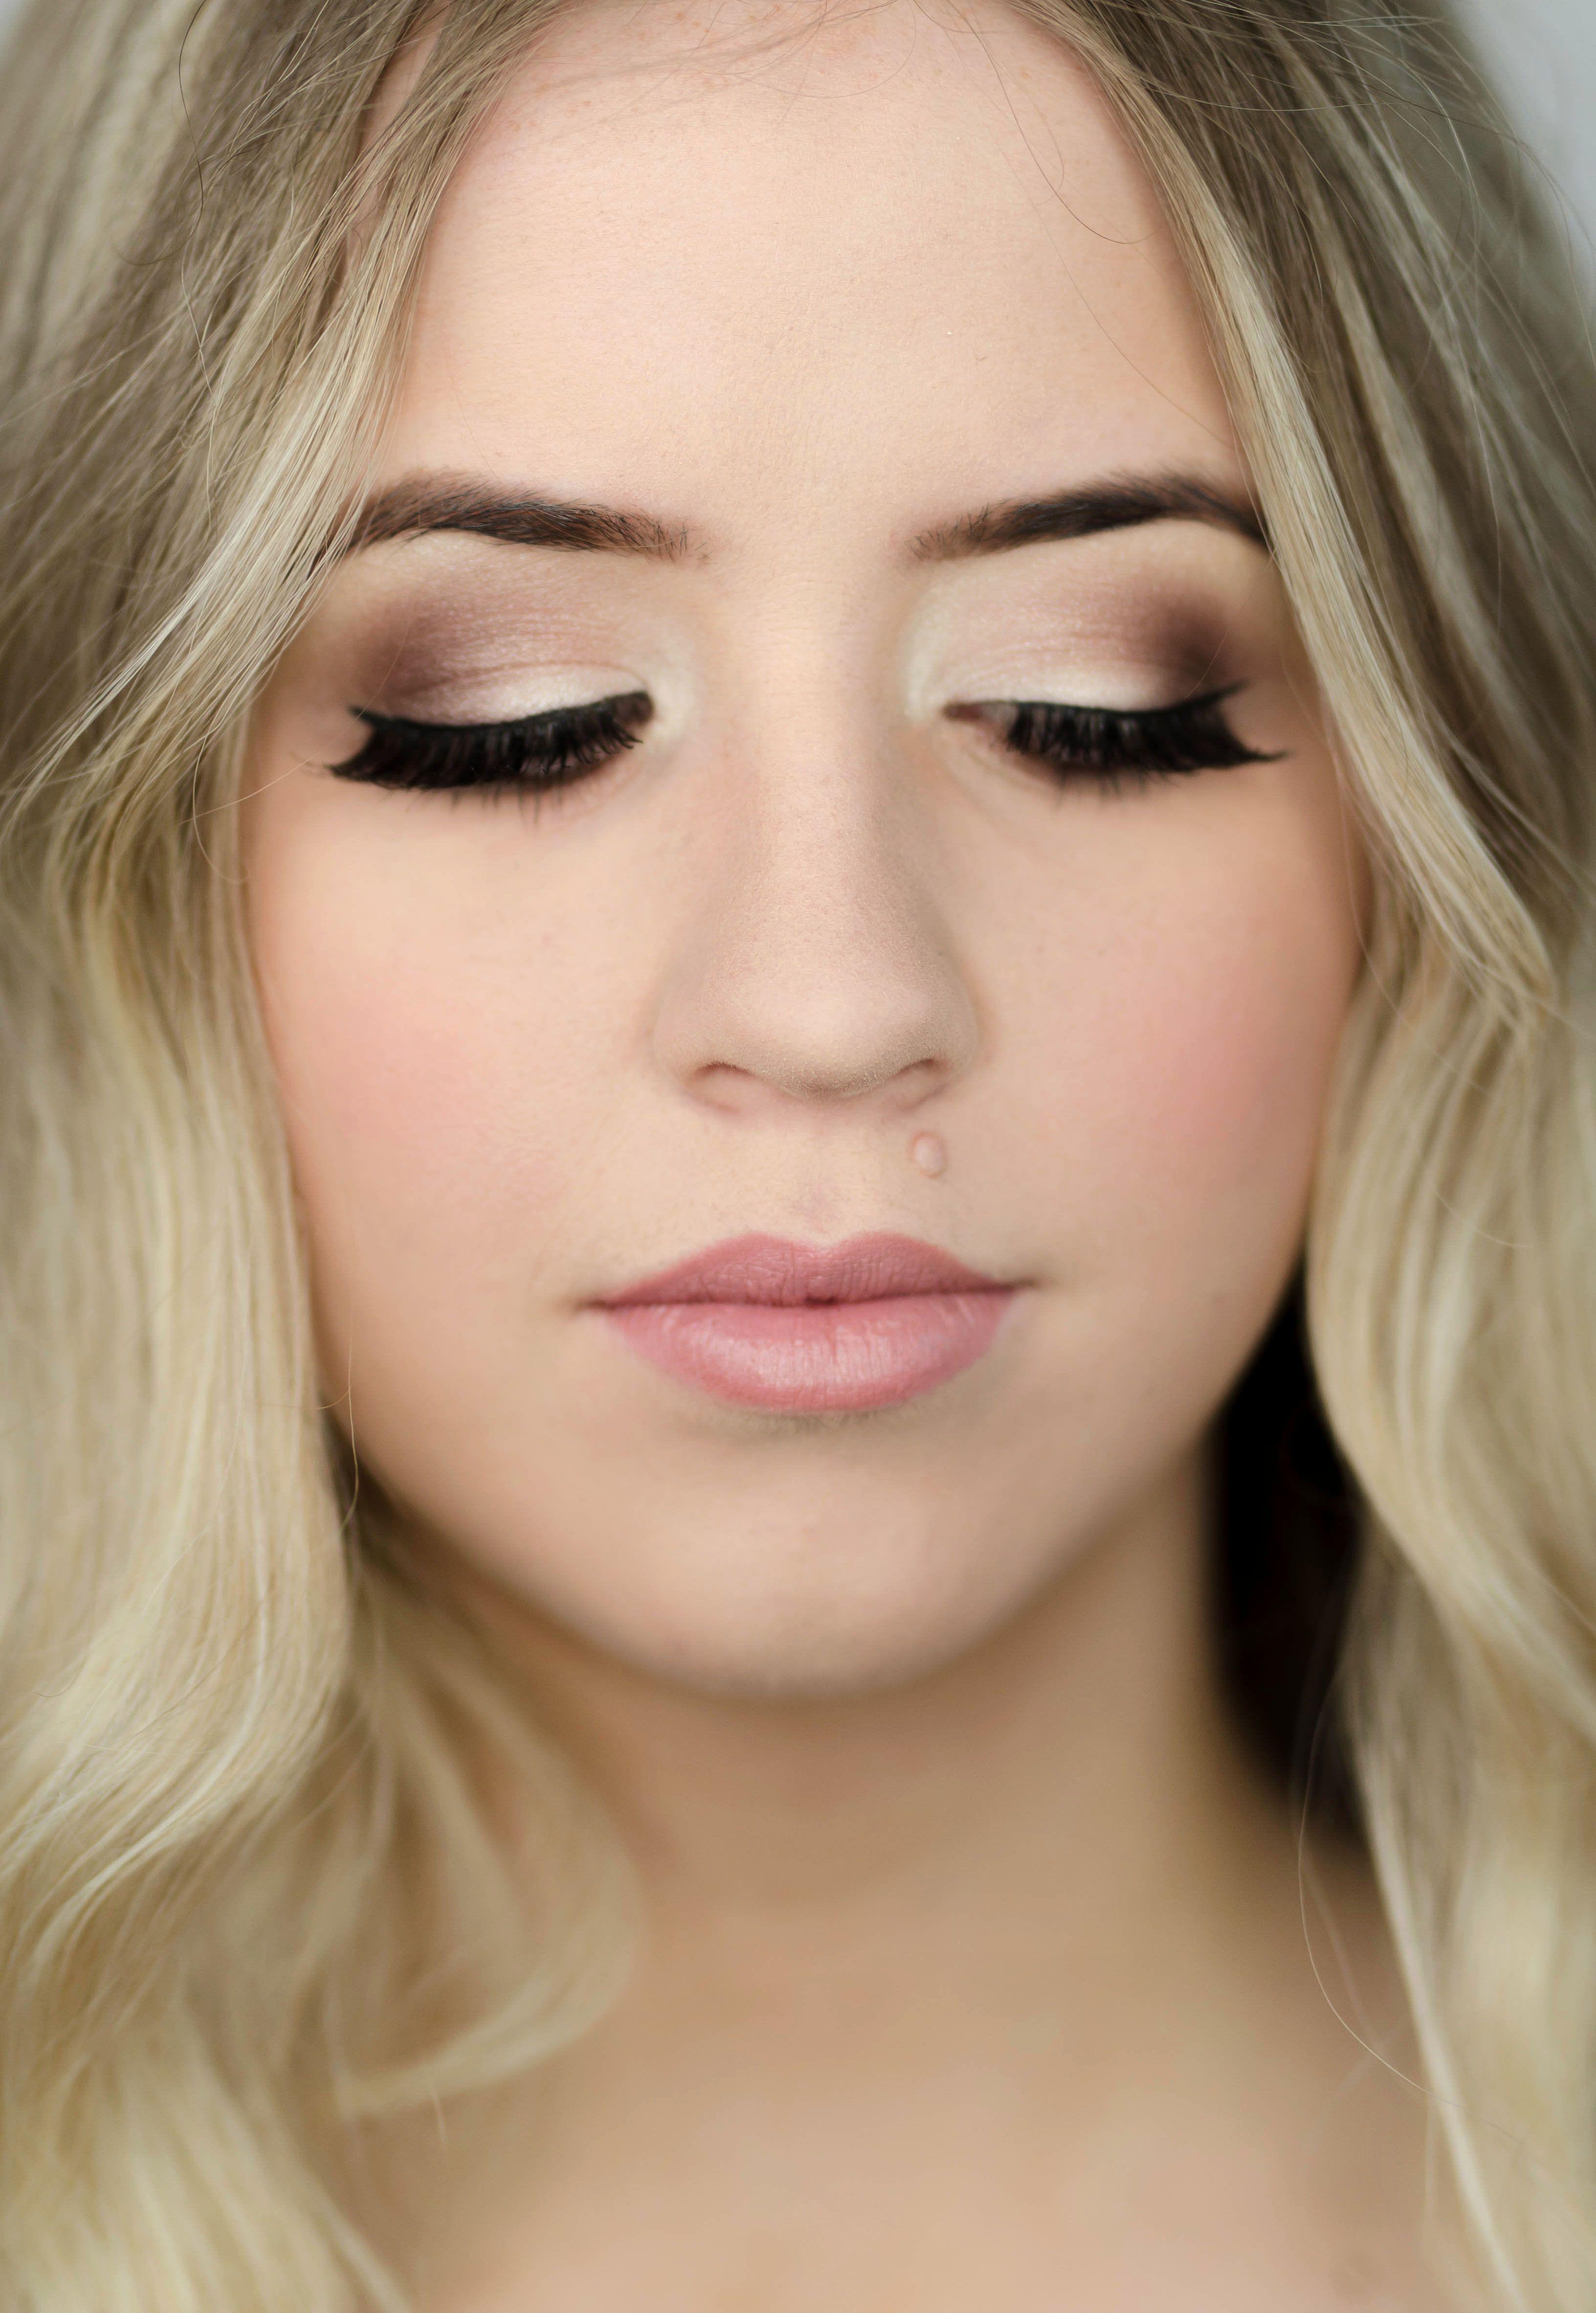 Makeup bridal makeup wedding makeup makeup ideas blonde